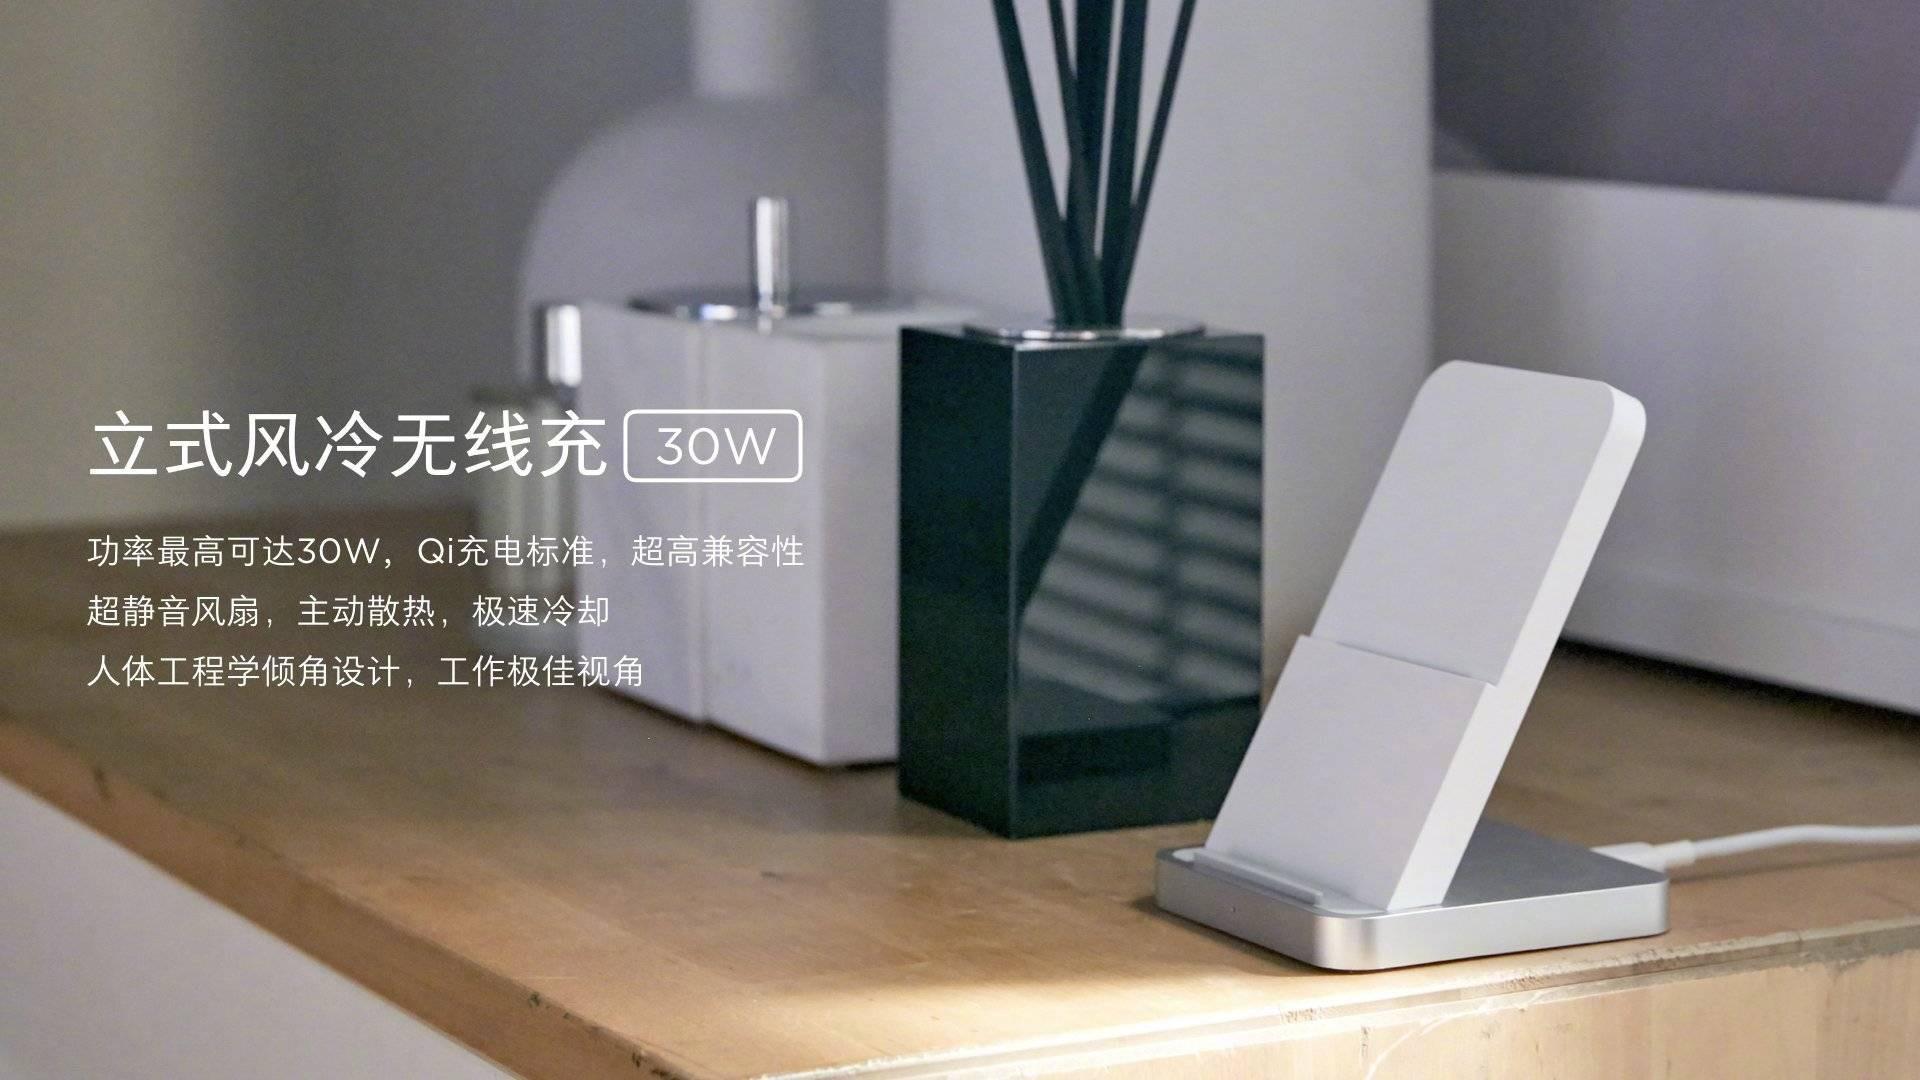 Base de carga inalámbrica de Xiaomi. Noticias Xiaomi Adictos